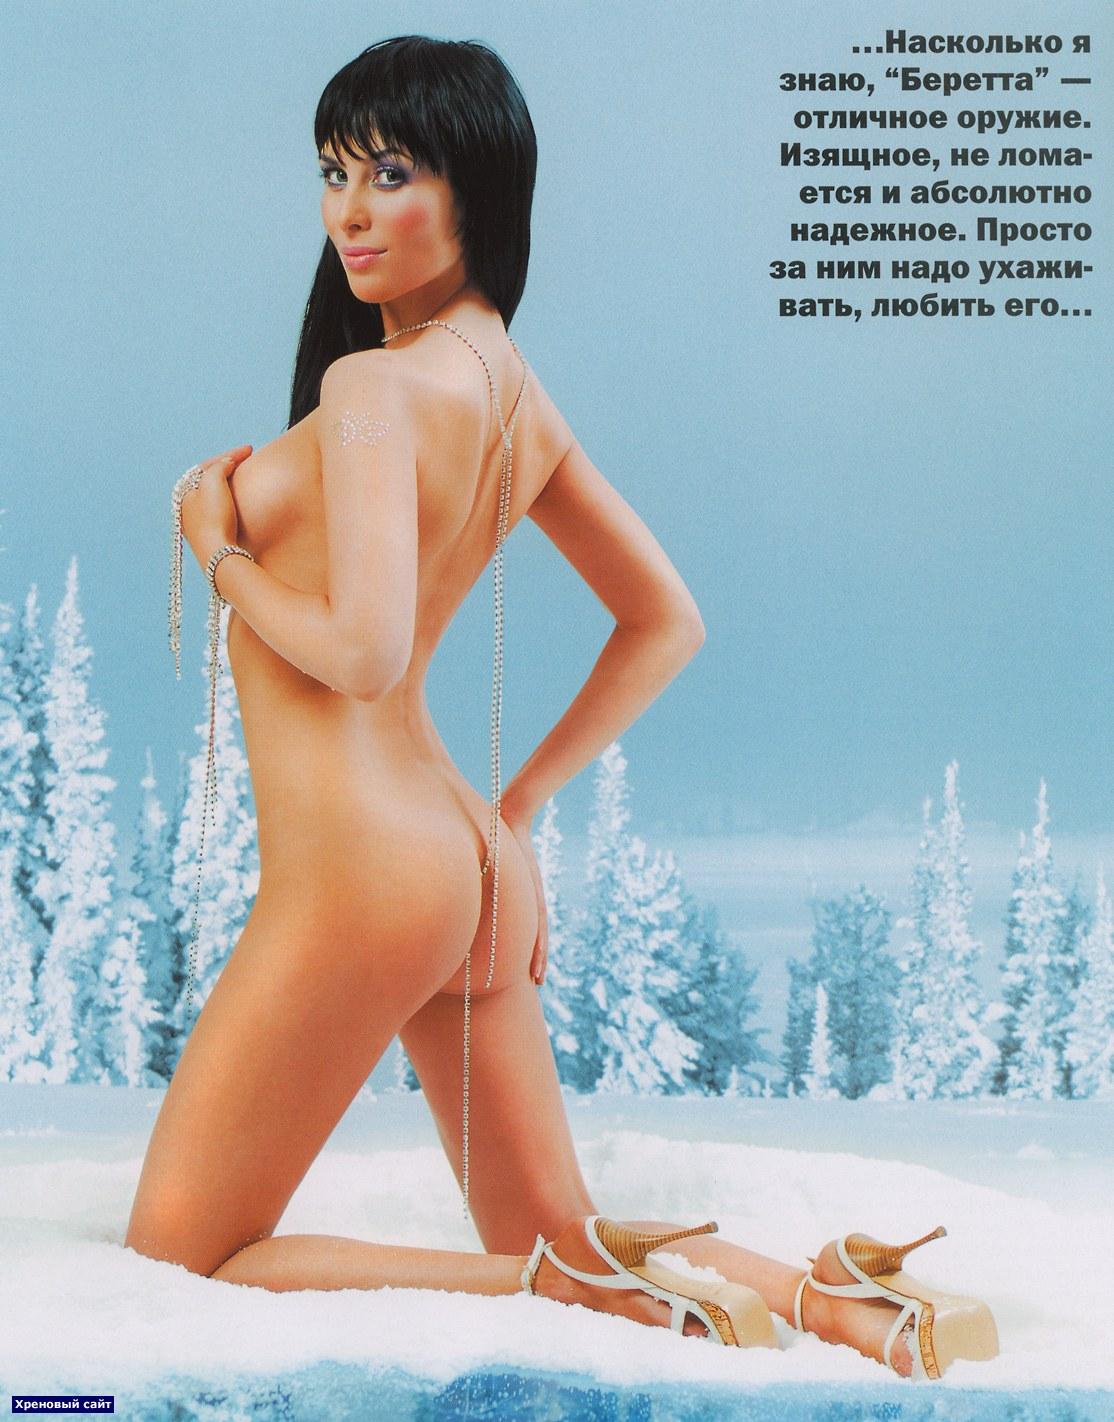 актриса юлия назаренко голая-юа3